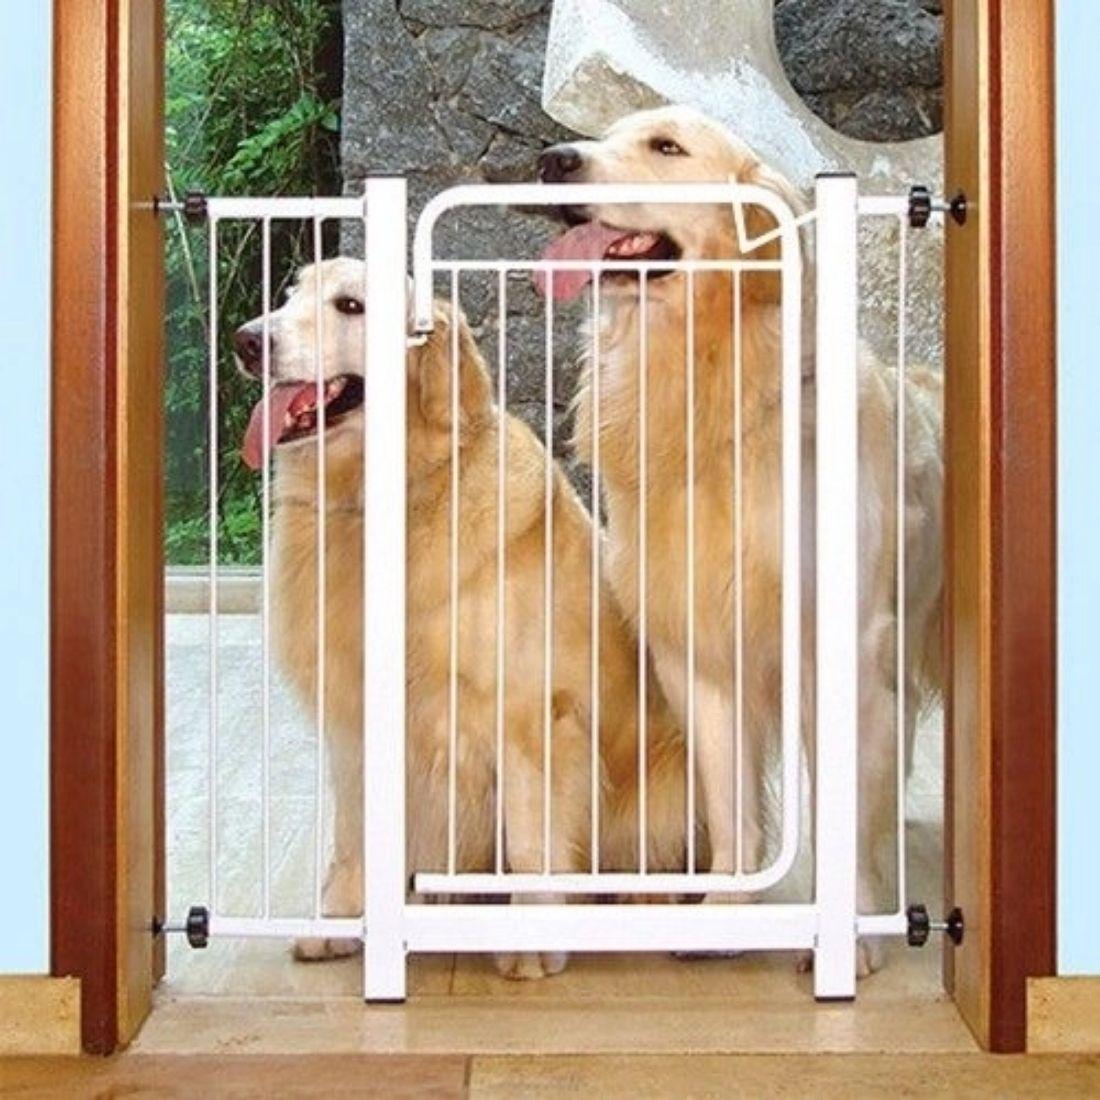 Portão Grade de Proteção para Criança e Pet L70xA80 Aço Cor Branca